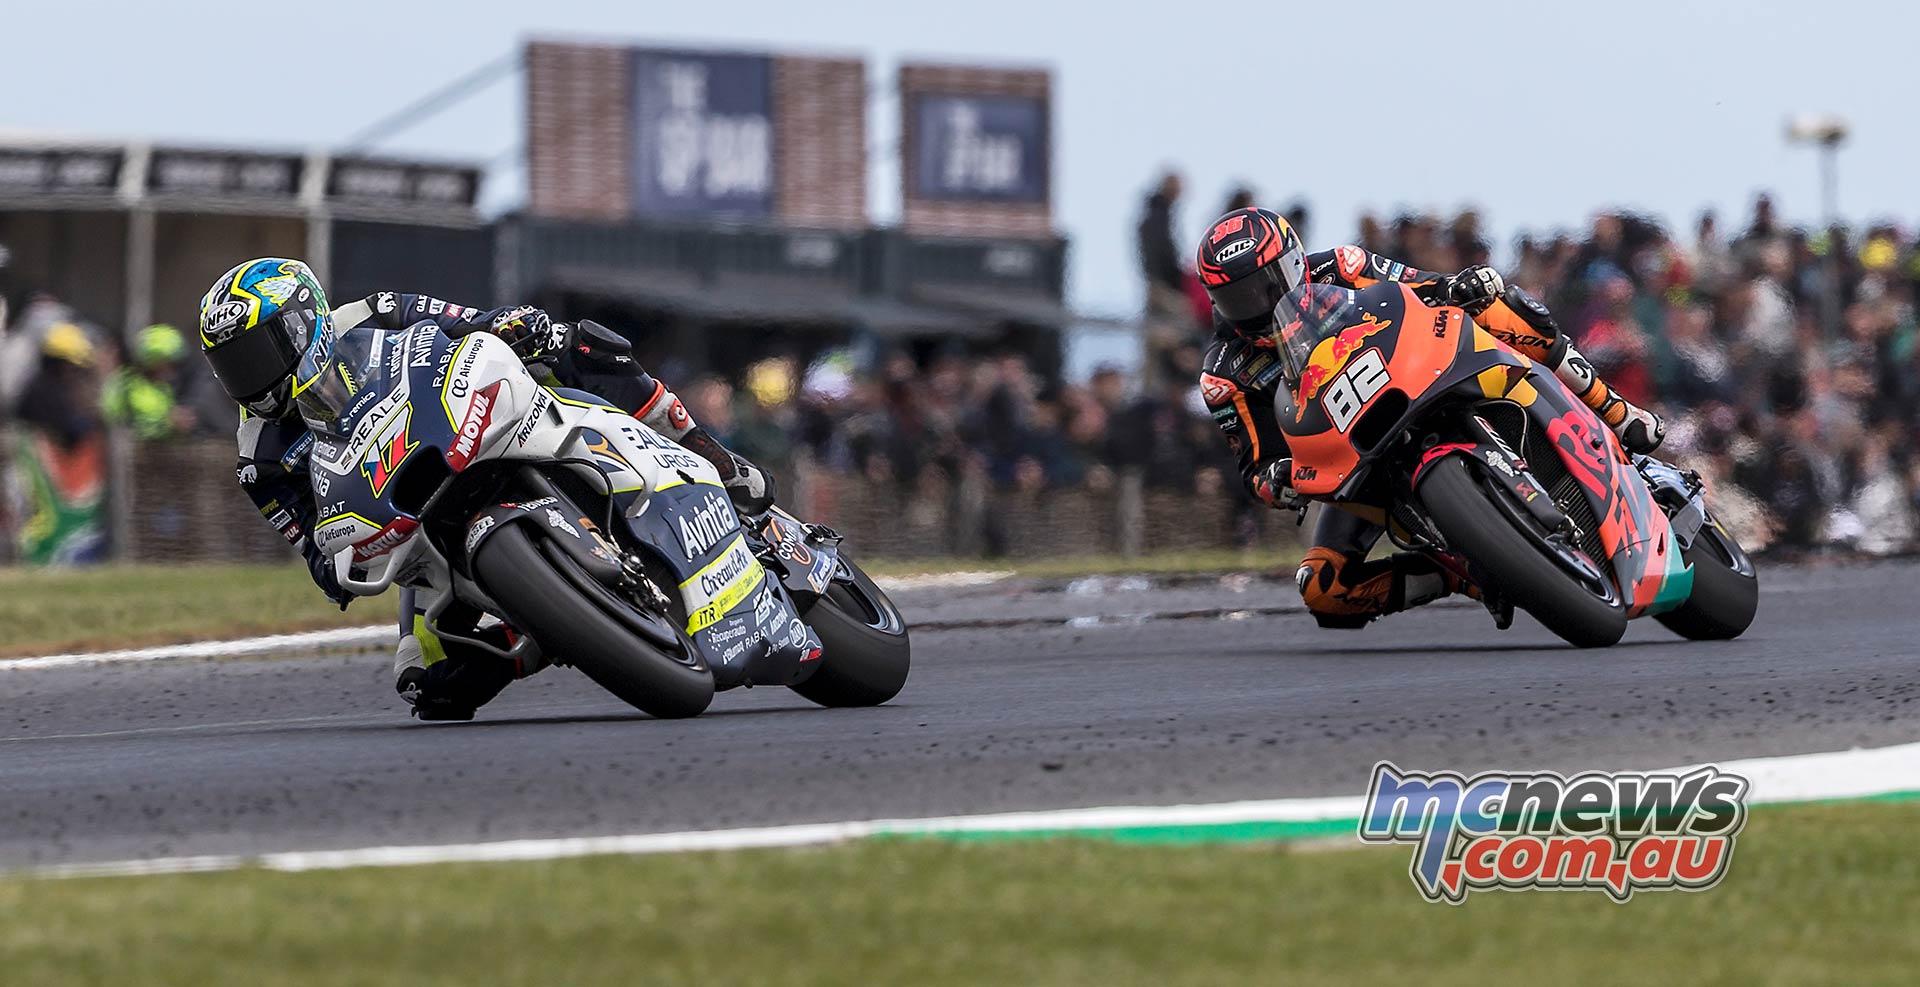 MotoGP Phillip Island Australia Race Abraham Kallio